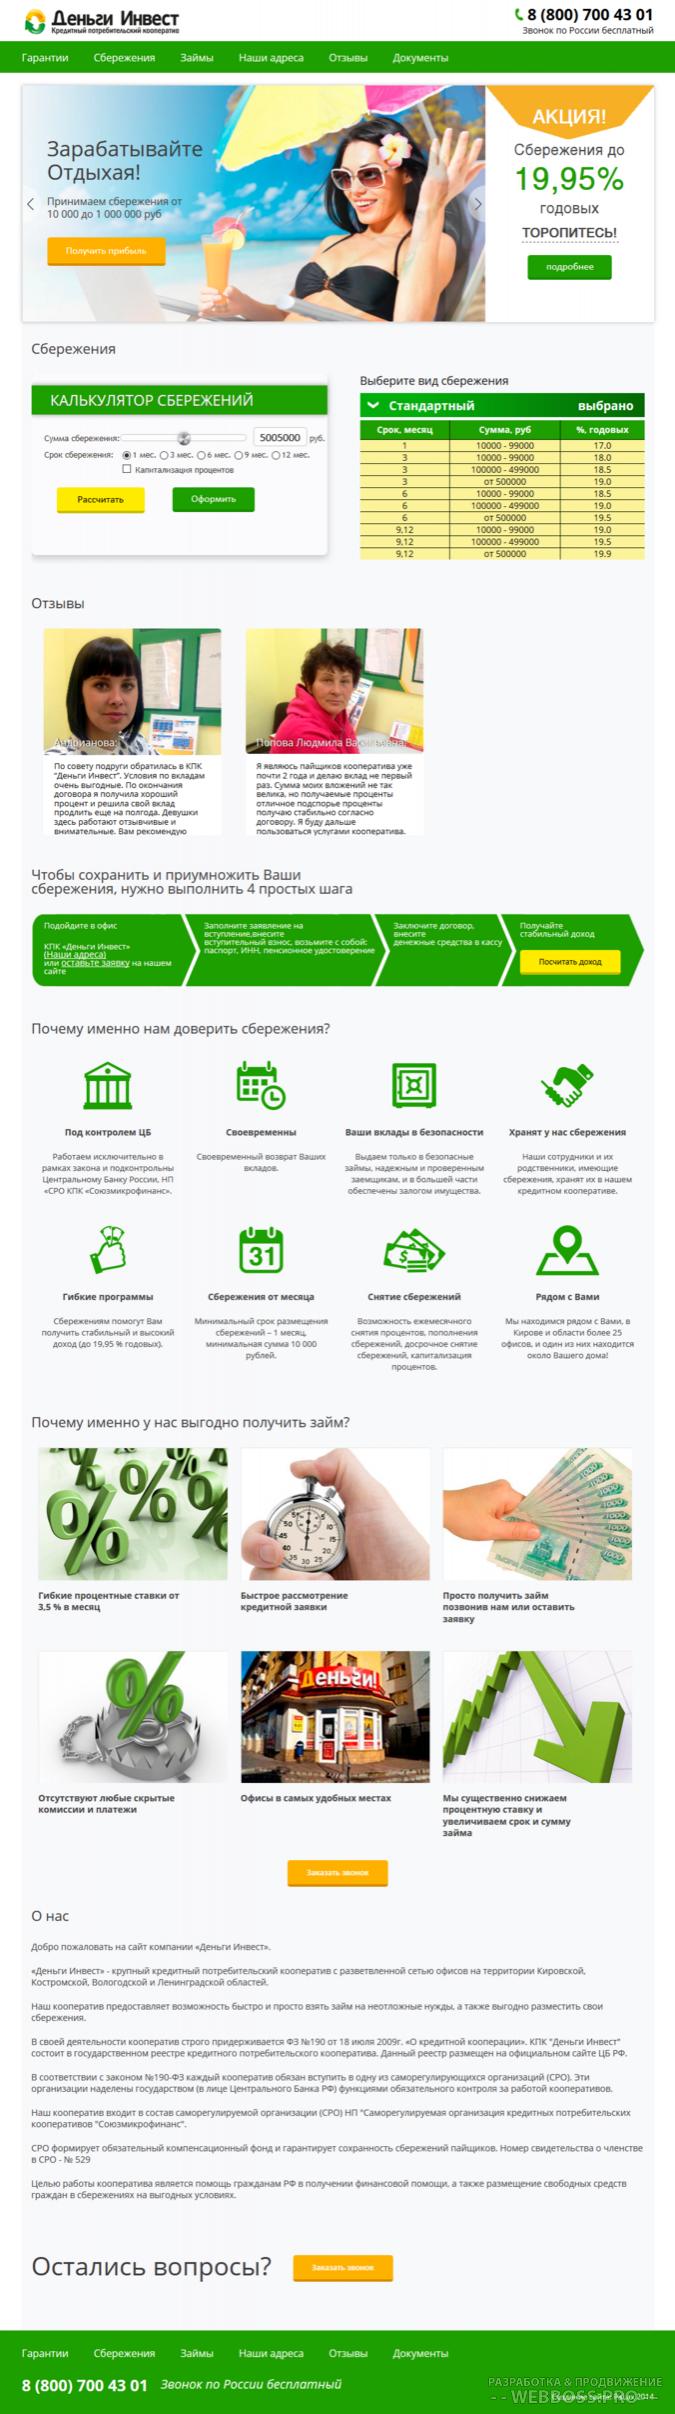 Создание сайта: Сайт для микрофинансов (после)